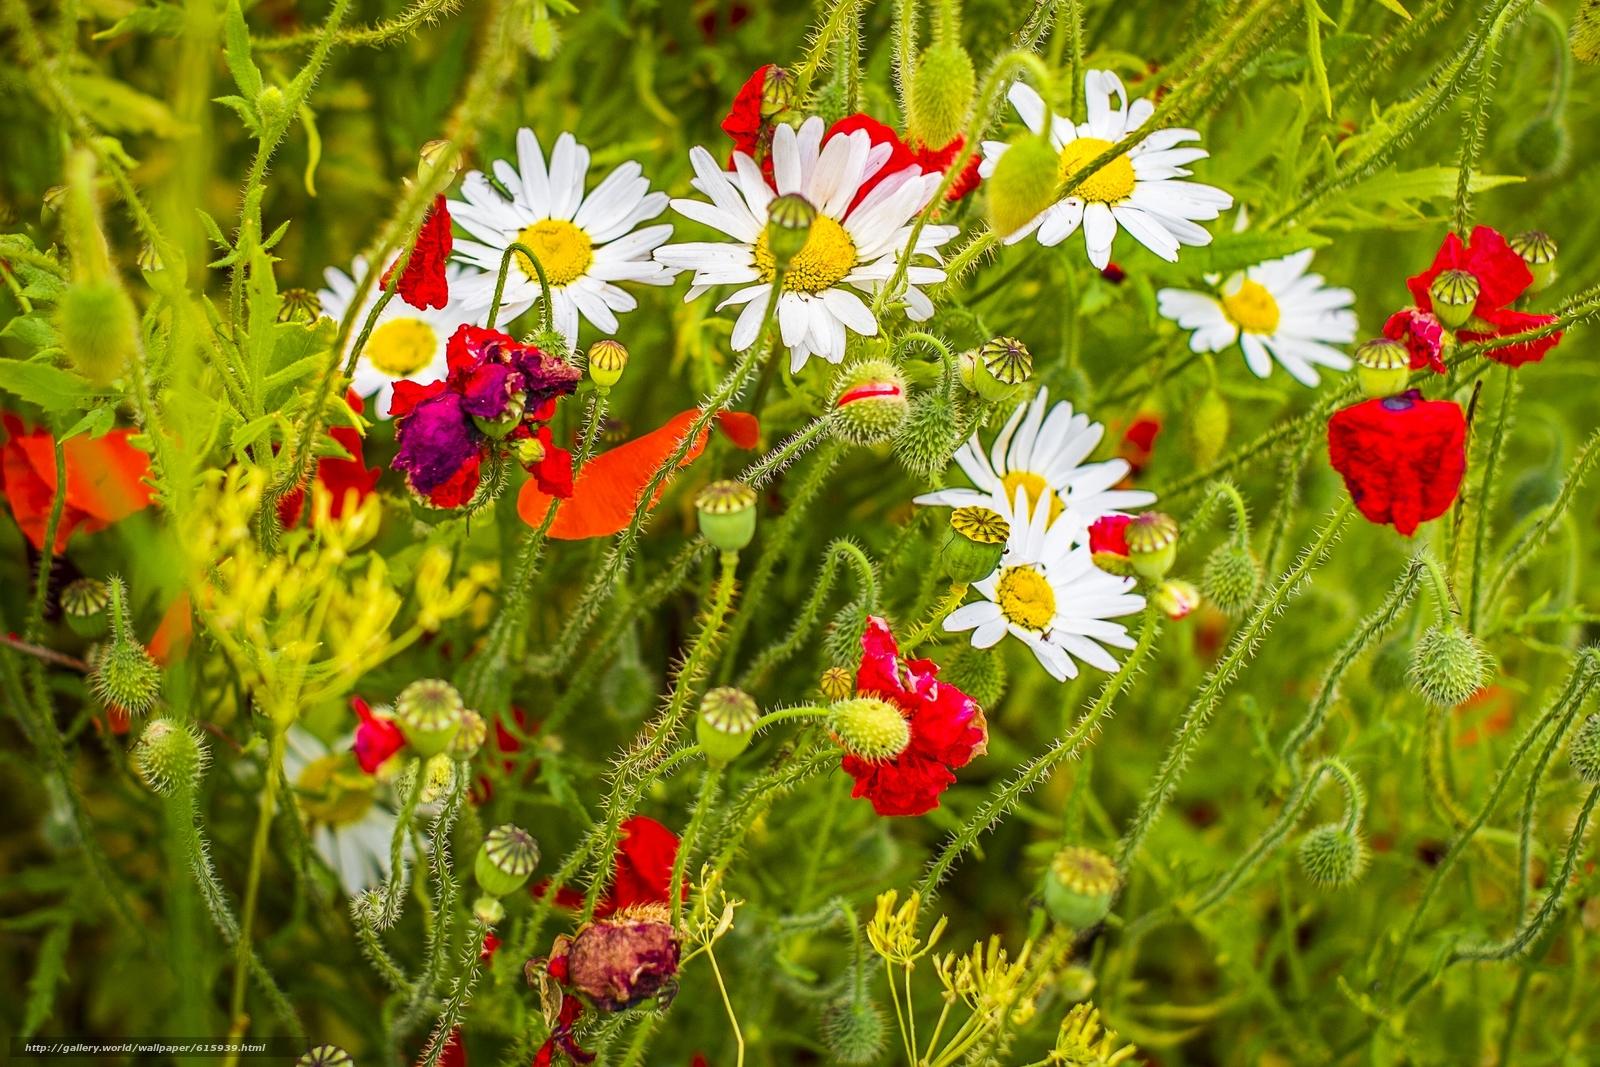 下载壁纸 黄春菊,  罂粟,  夏天 免费为您的桌面分辨率的壁纸 2560x1707 — 图片 №615939